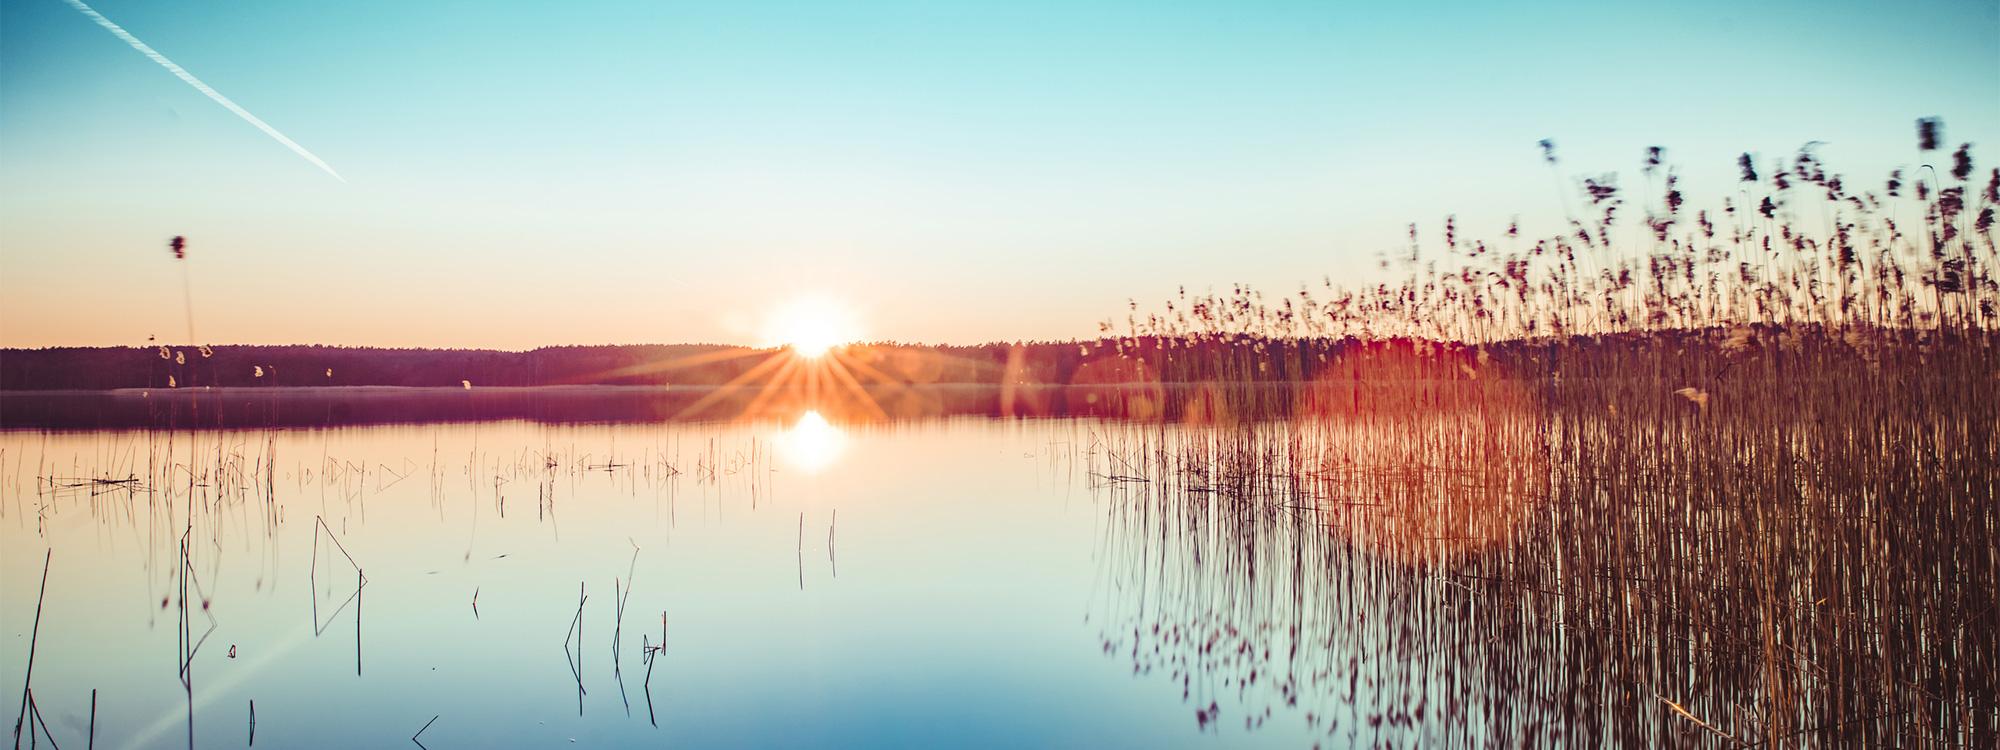 Mecklenburgische Seenplatte: Saarschleife: Wanderschuhe , Sommerwiese